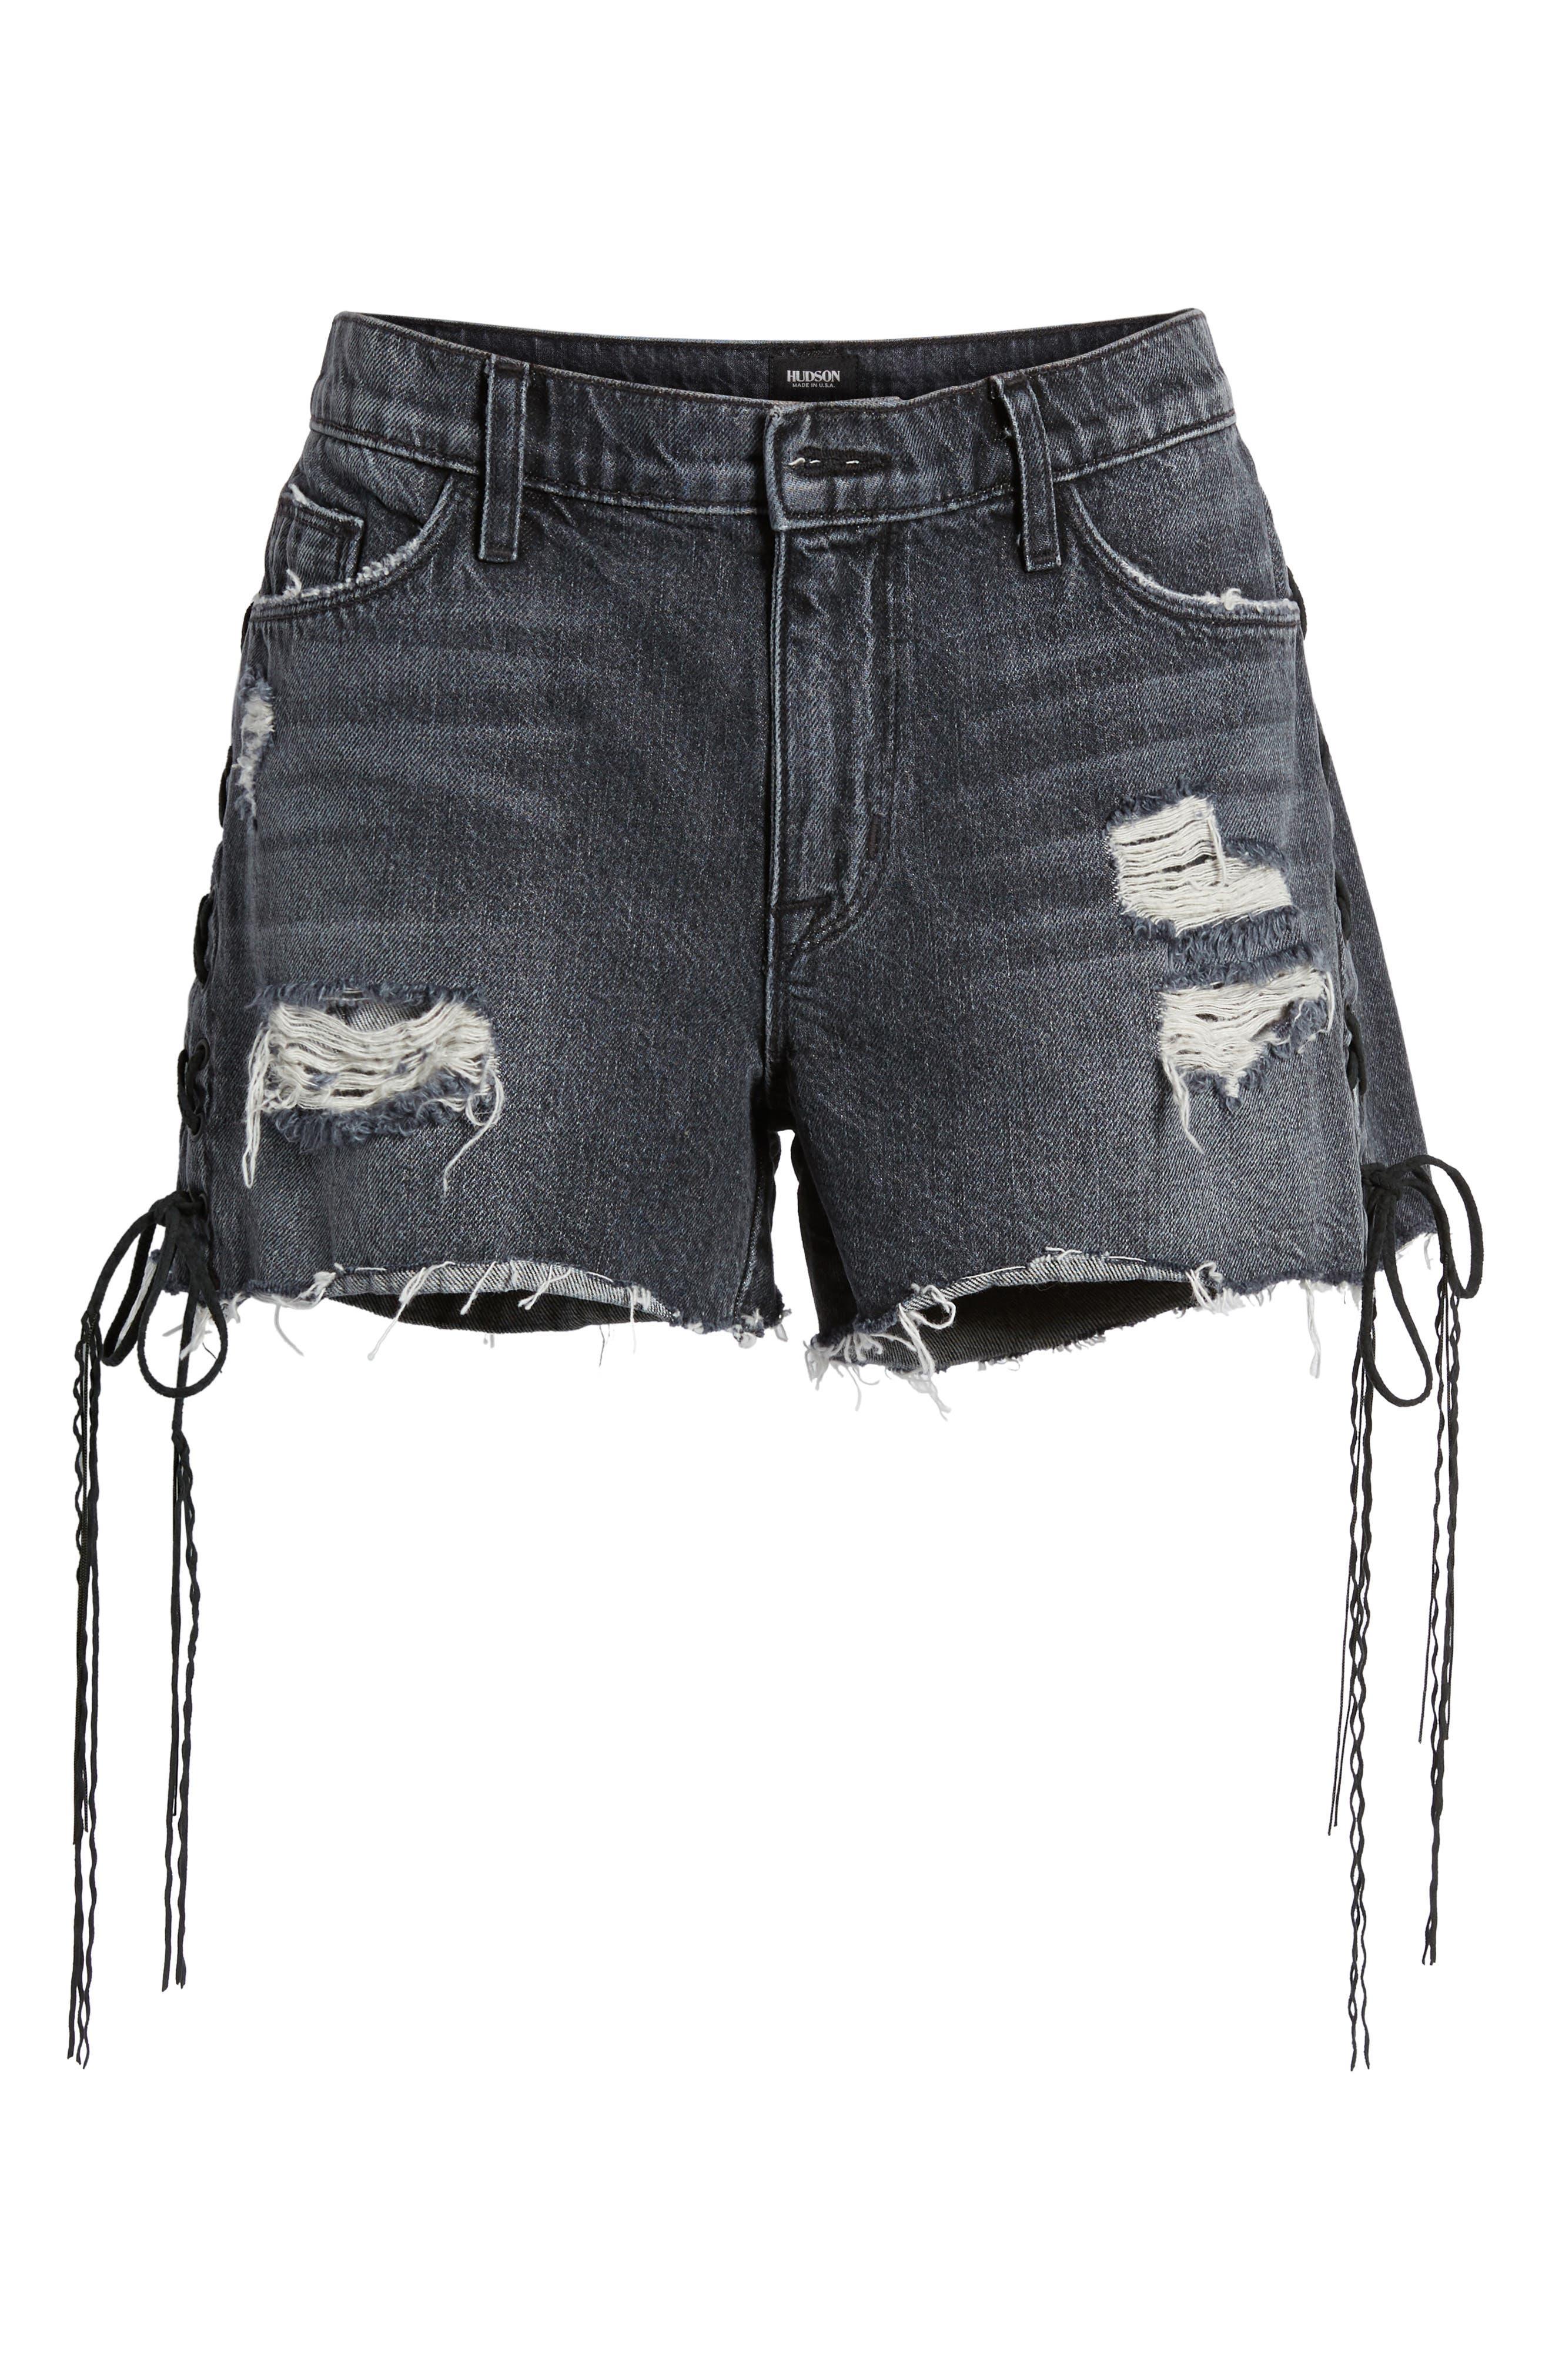 Sade Lace-Up Cutoff Denim Shorts,                             Alternate thumbnail 6, color,                             001